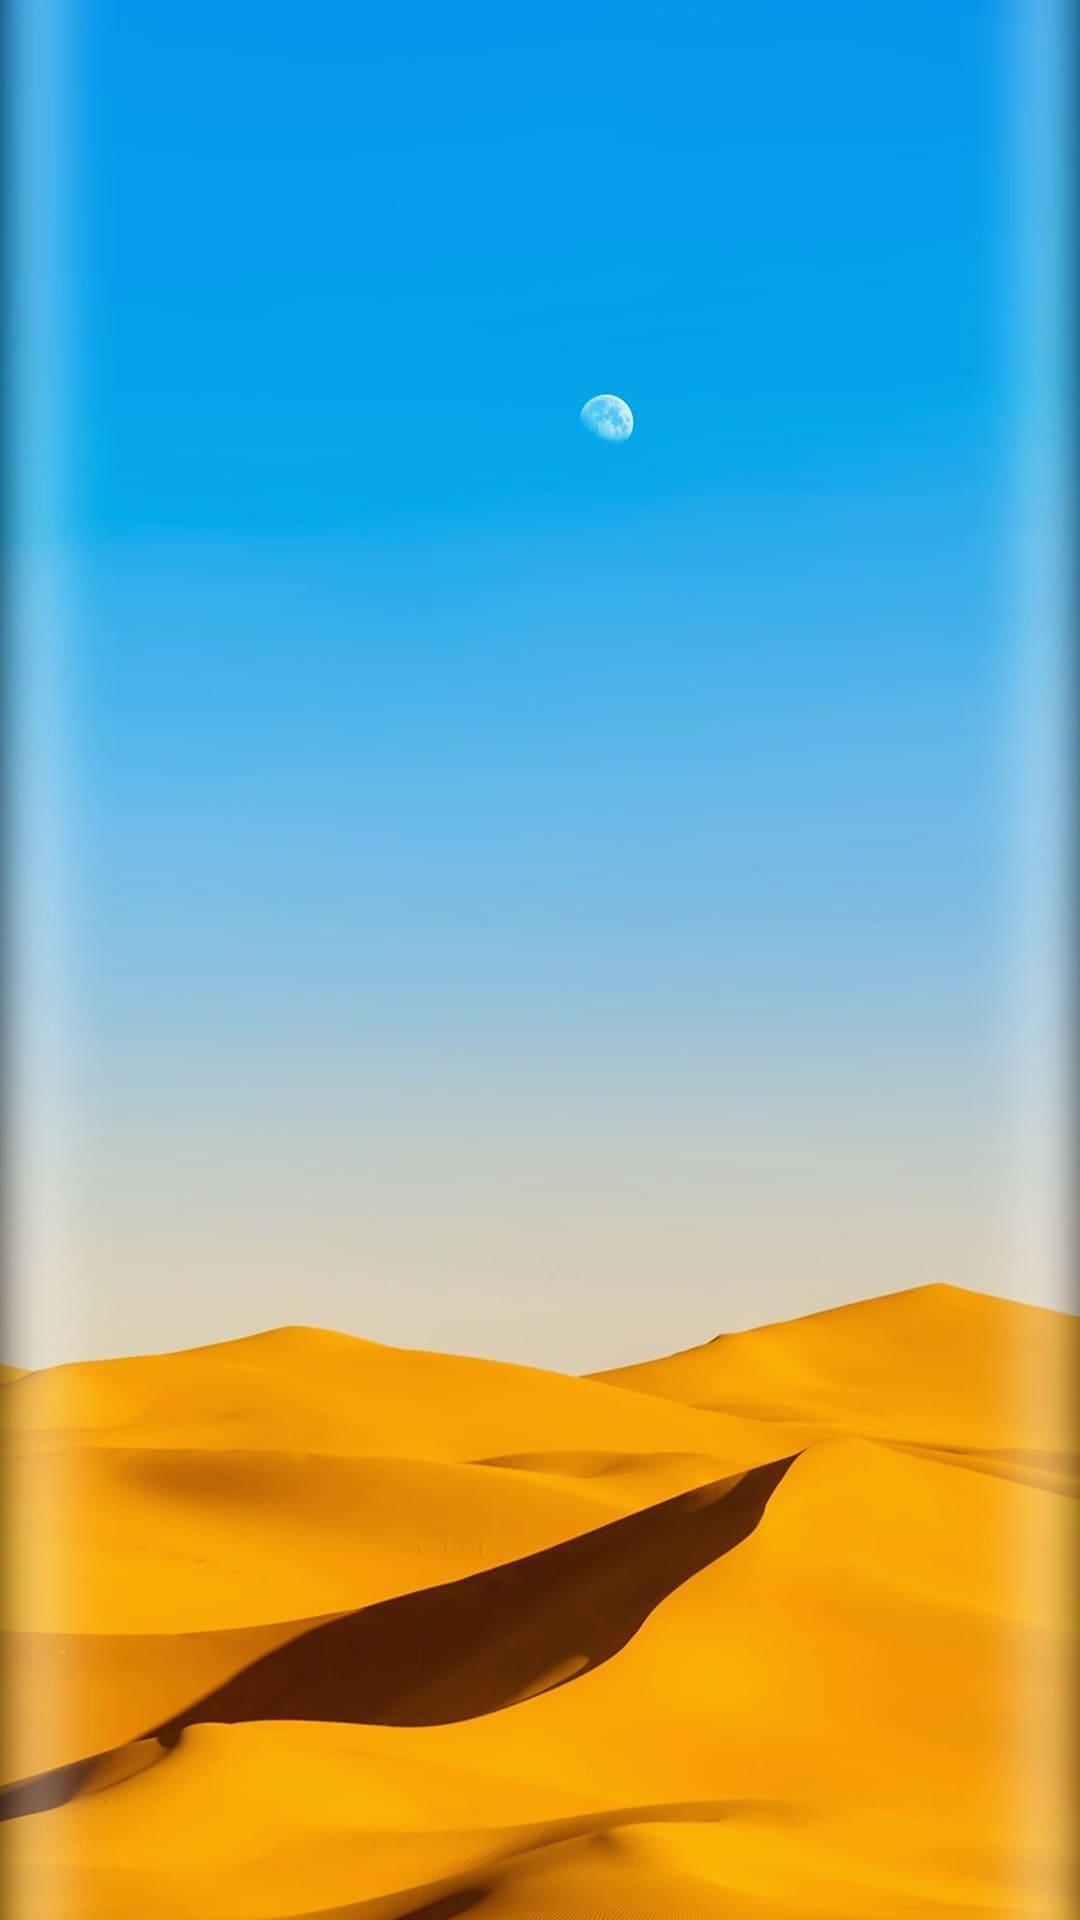 Curved Edge, BorderLight Wallpaper for ...